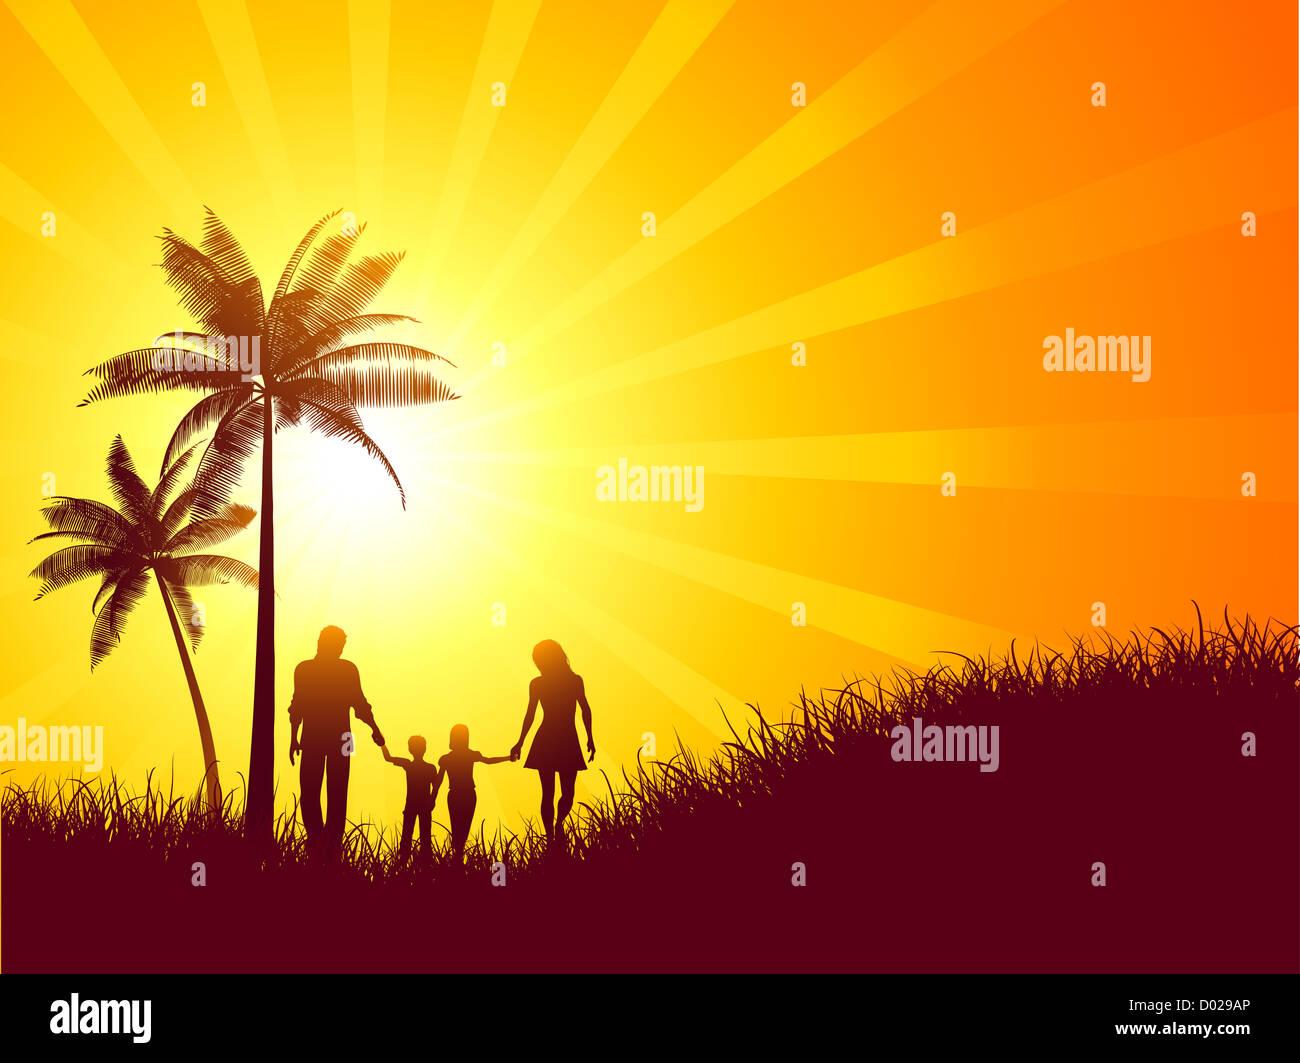 Paesaggio estivo con silhouette di una famiglia a piedi Immagini Stock